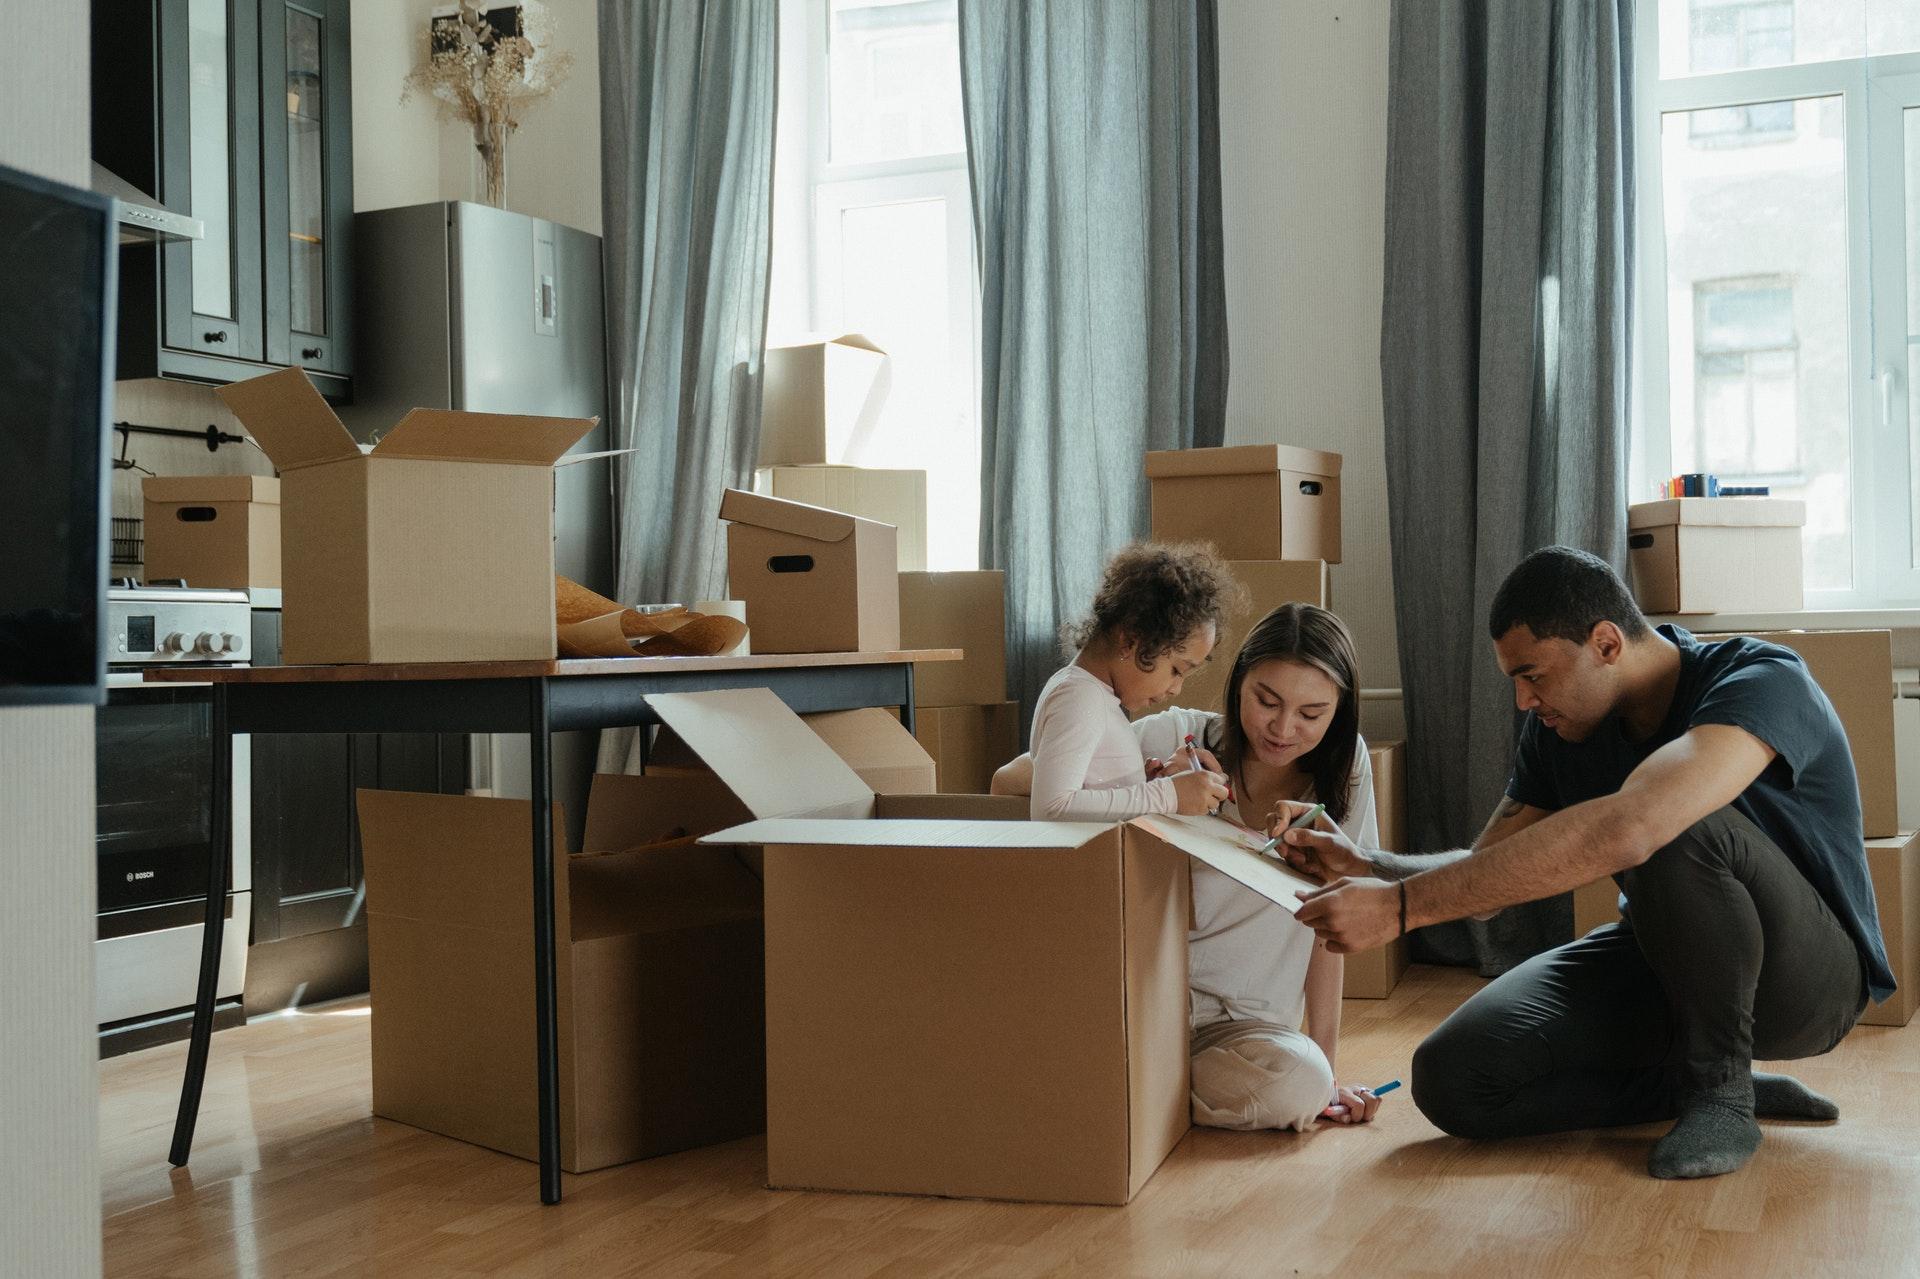 huiskamer verhuisdoos uitpakken